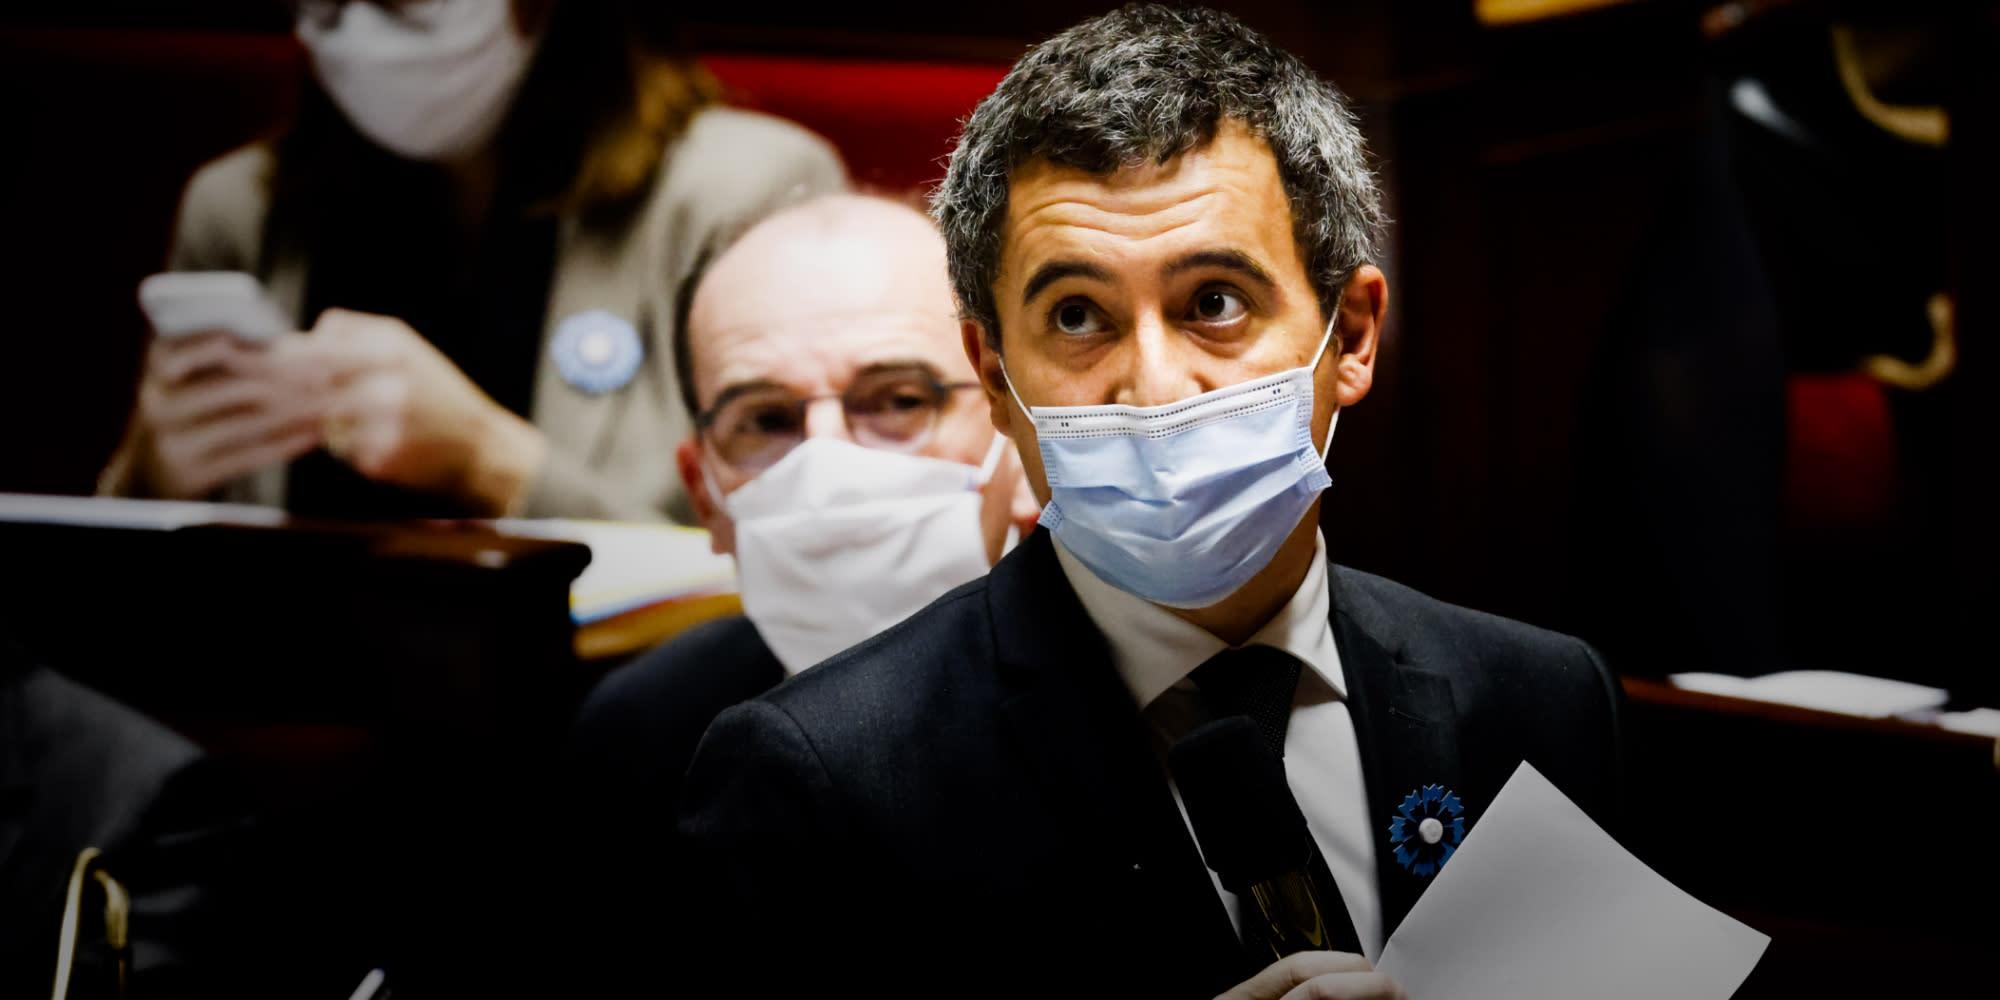 """Loi """"sécurité globale"""" : devant l'Assemblée, Darmanin soutient l'article 24 et la police"""